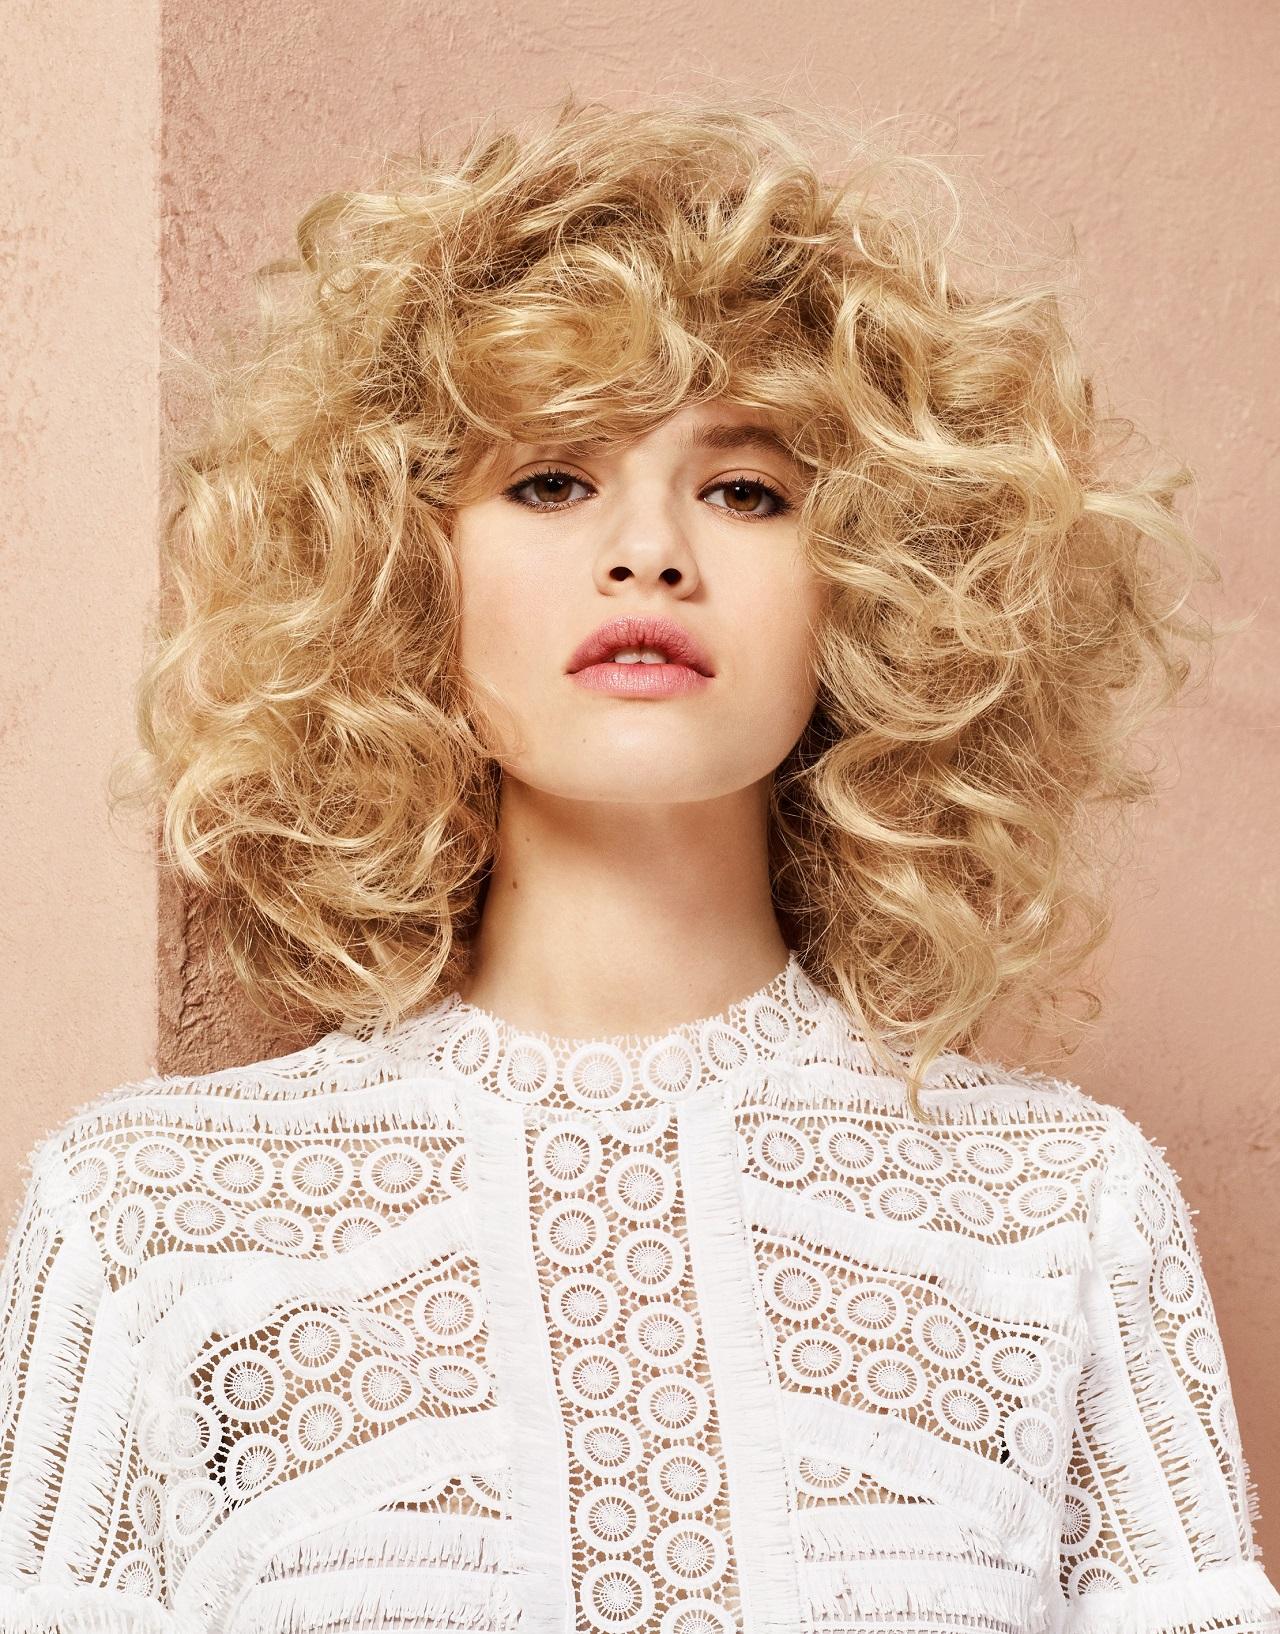 מראות שיער 2017 לוריאל פרופסיונל צילום יחצ חול